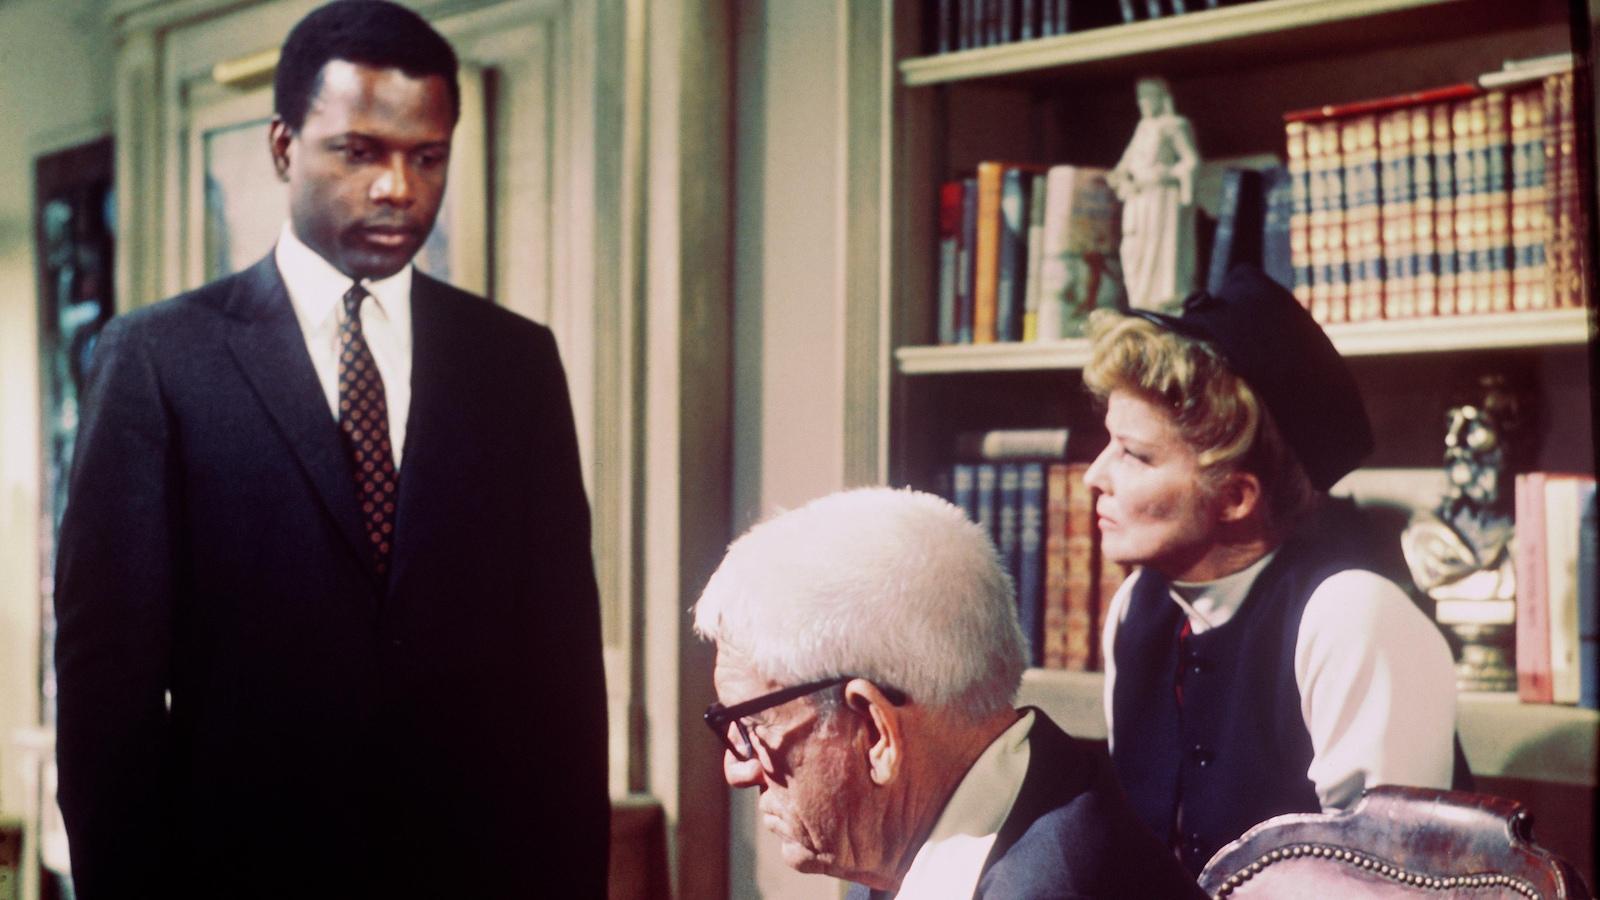 Un jeune homme noir debout, devant un couple de personnes plus âgées et blanches.